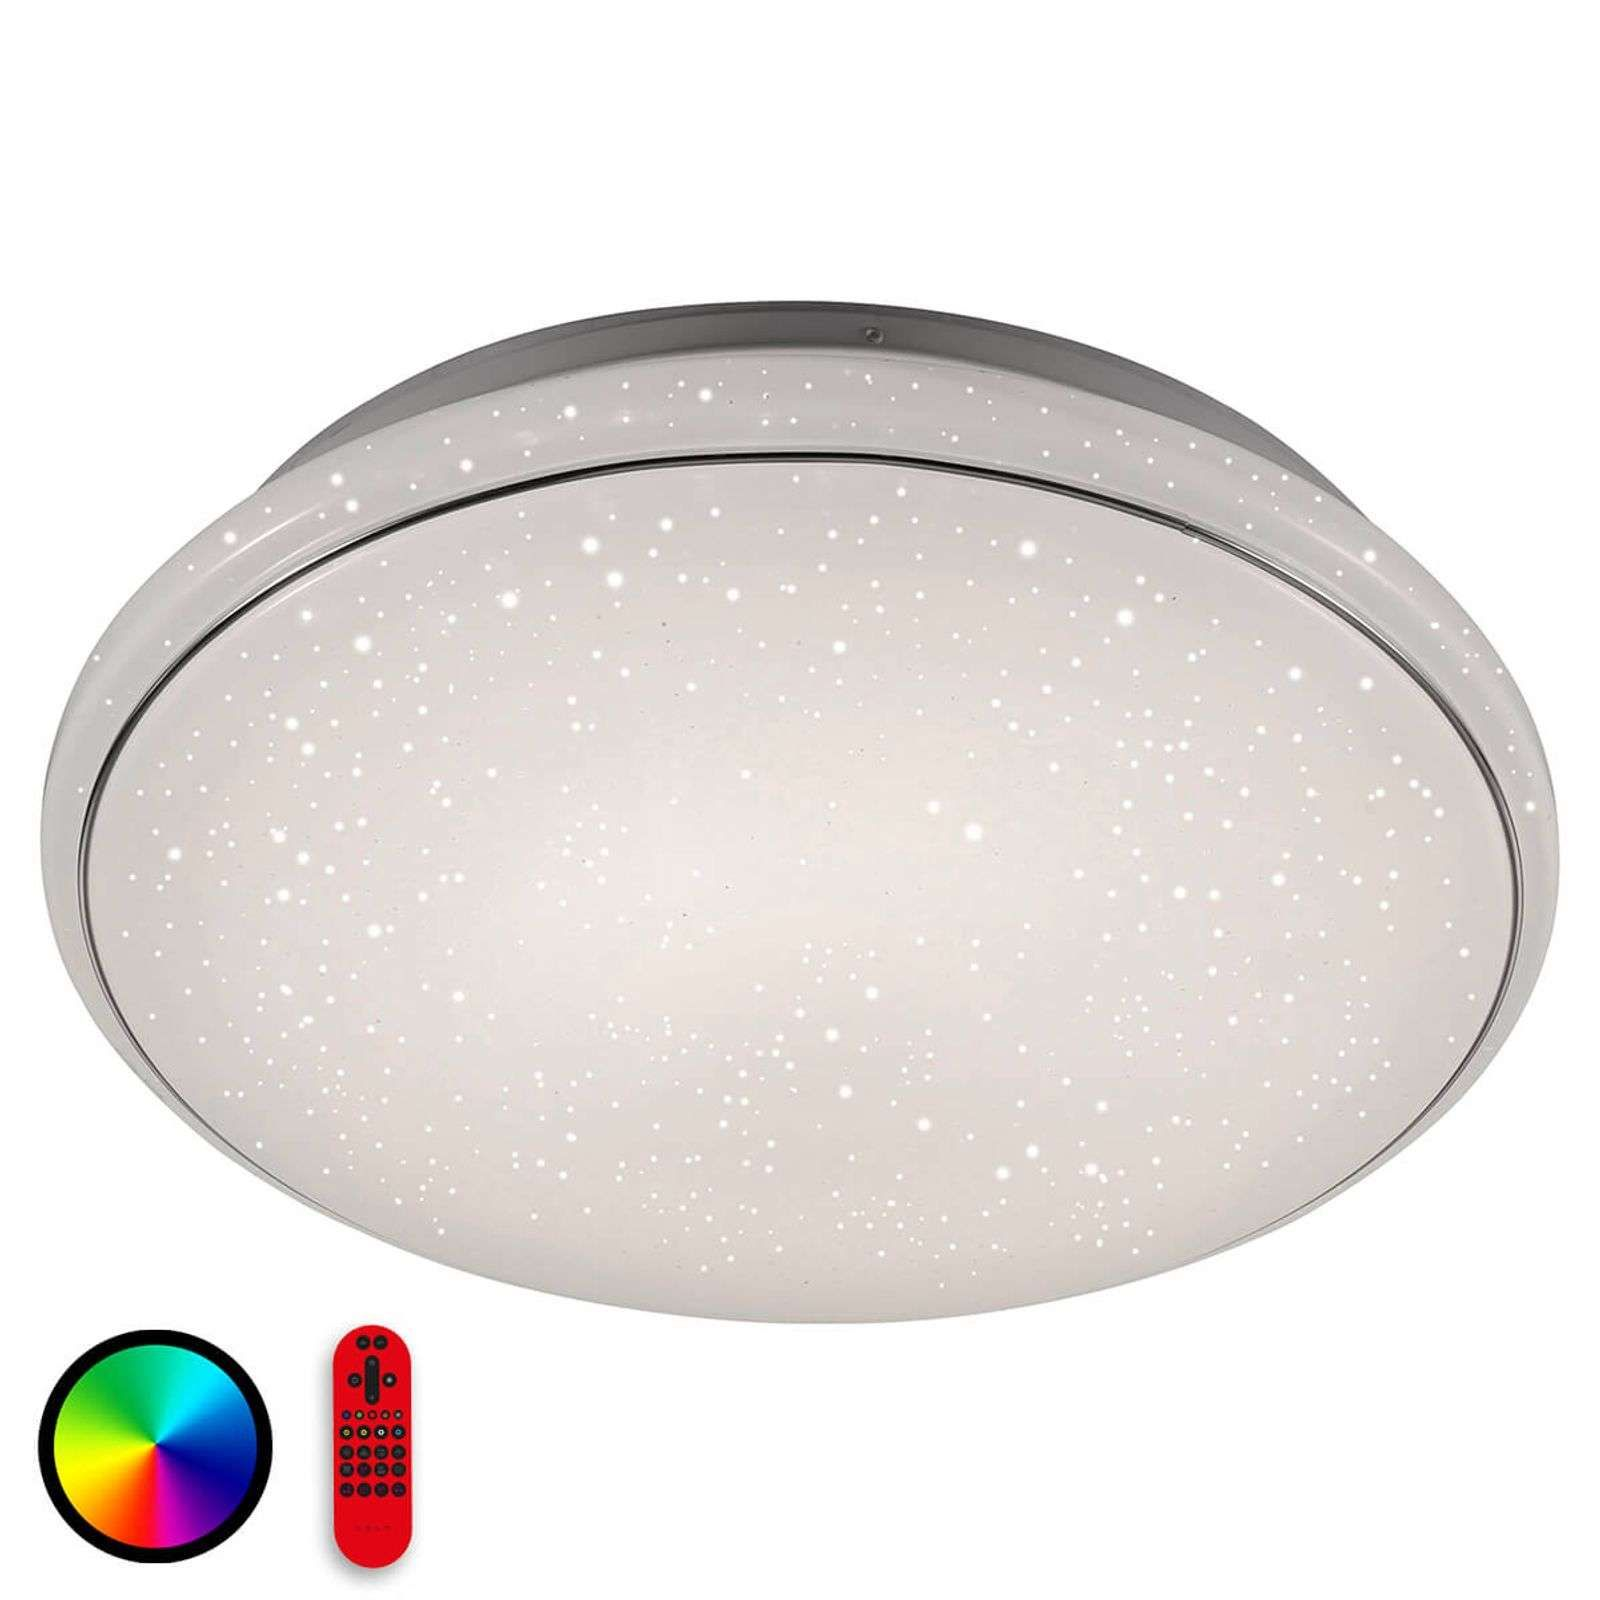 LED-Deckenleuchte Lola-Jupi Ø 6 cm  Plafondlamp, Led